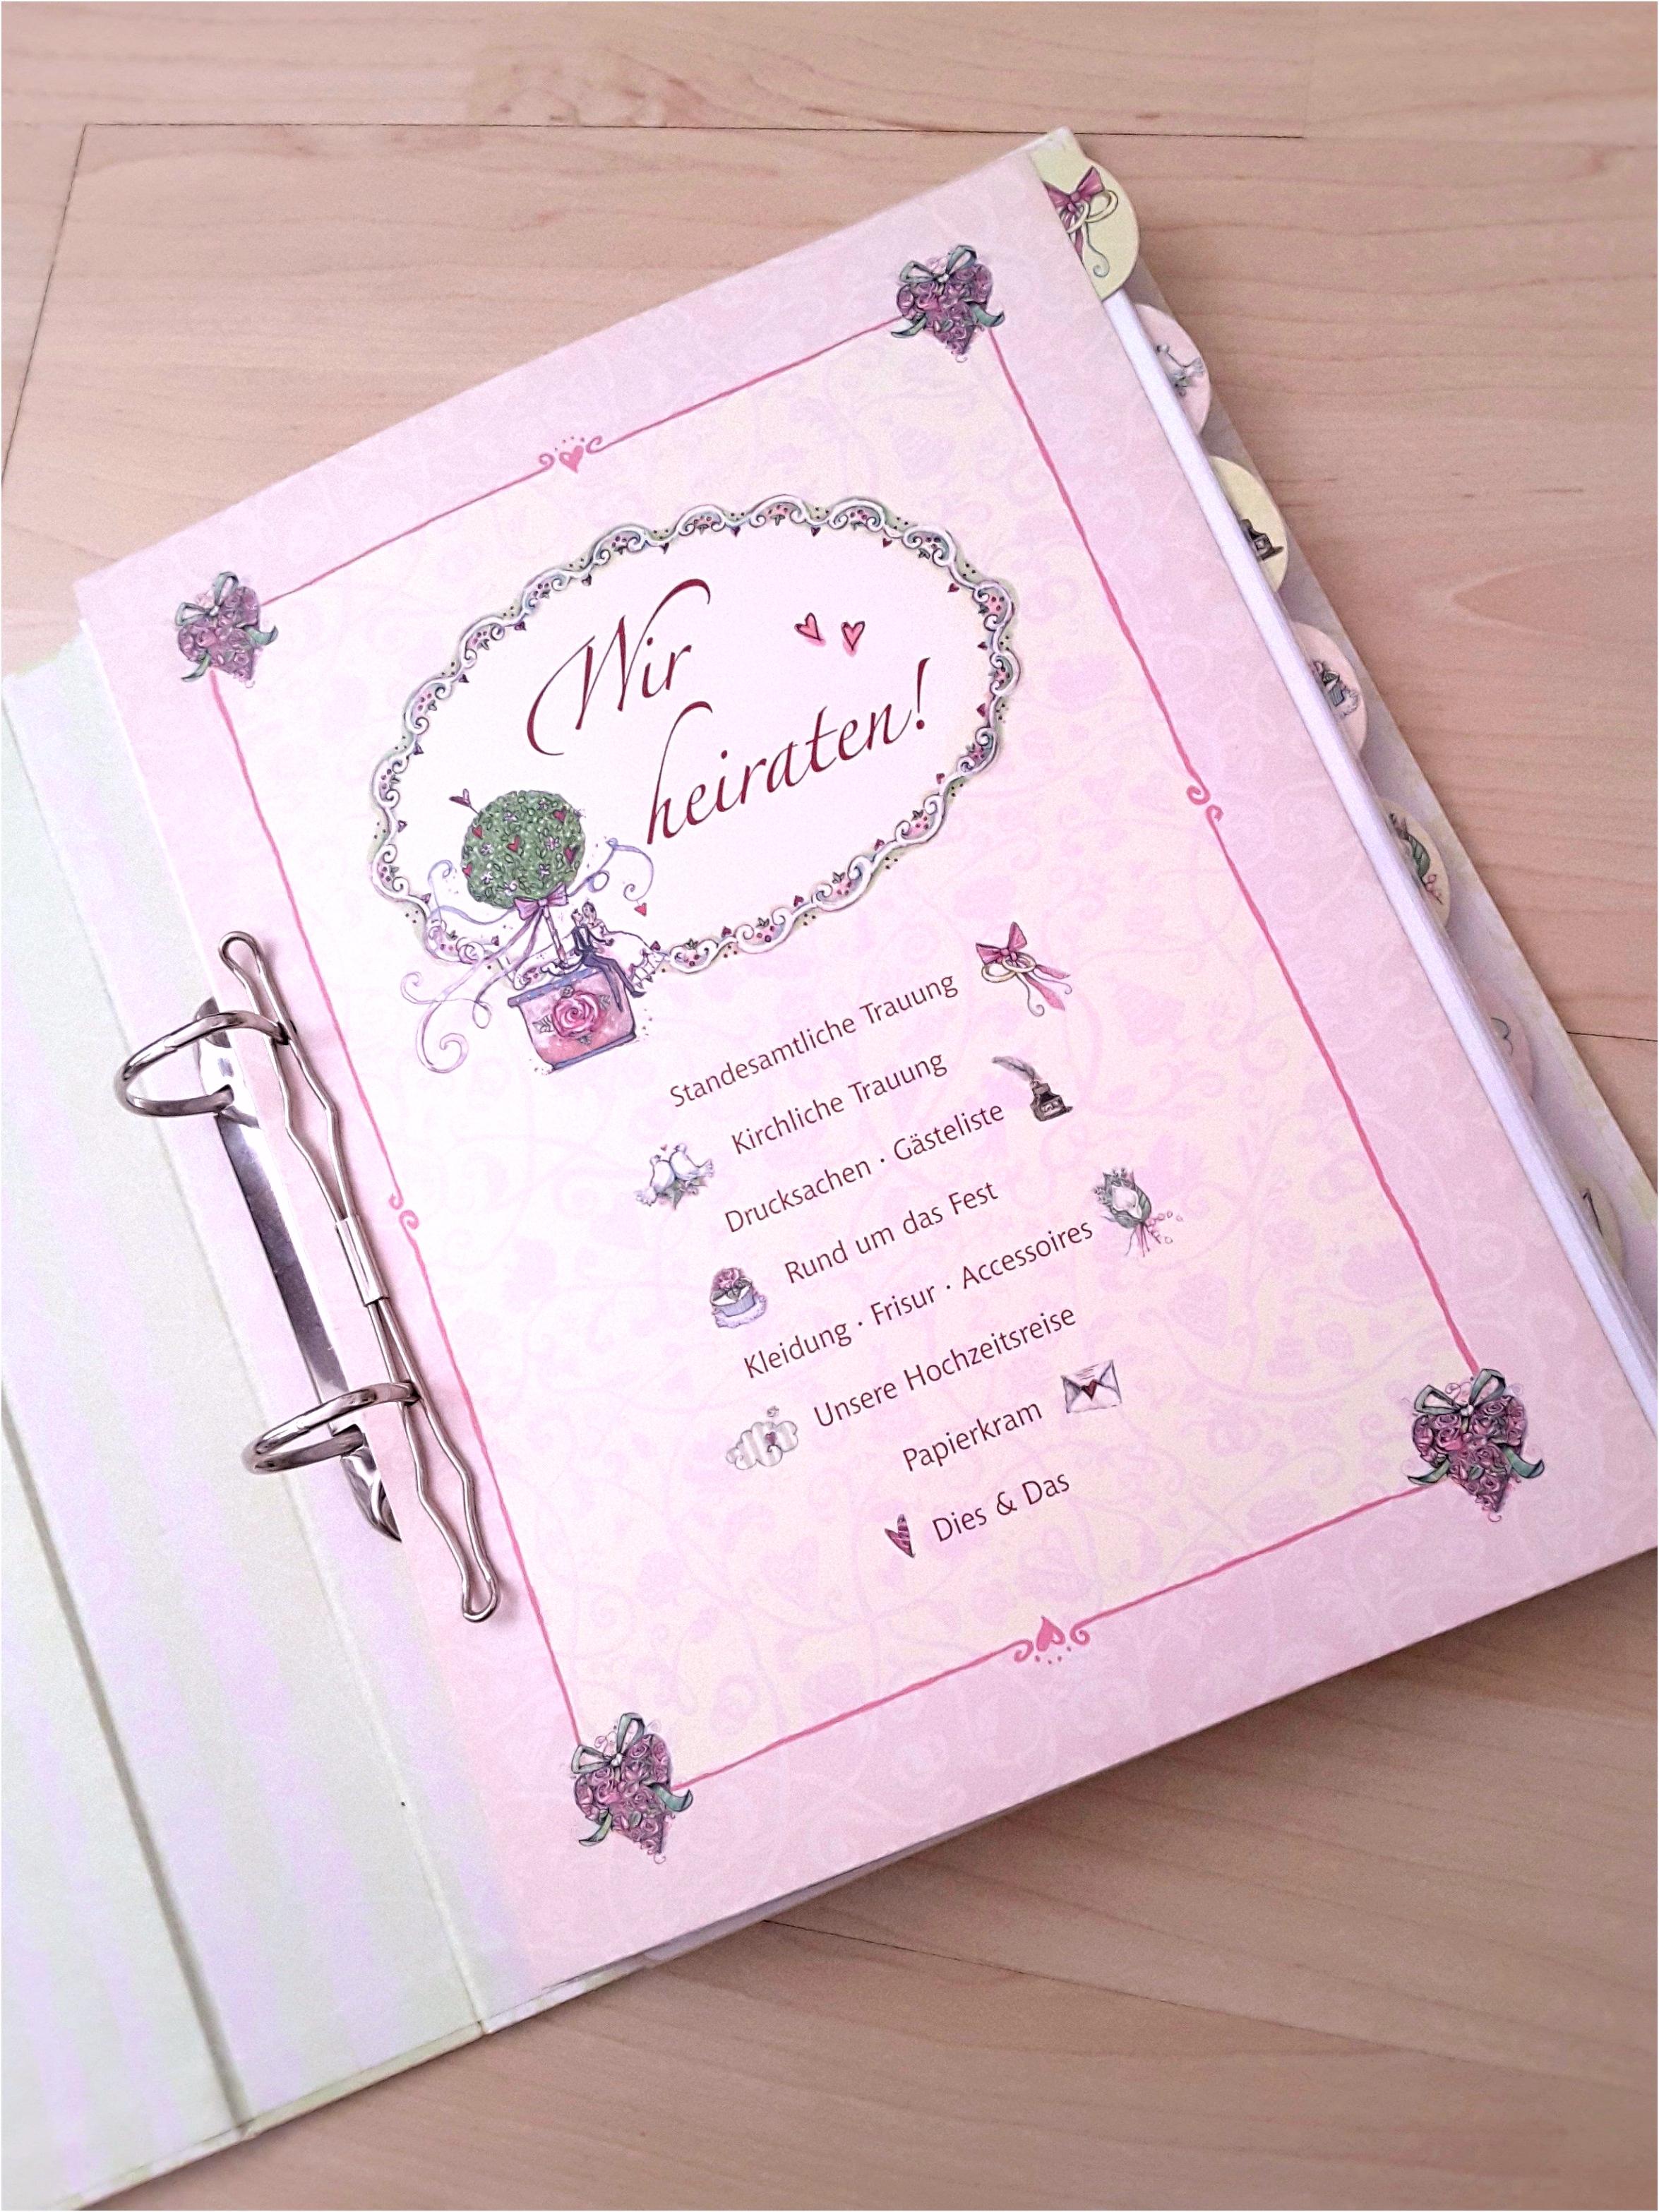 Bastel Vorlagen Hochzeitseinladungen Selber Basteln Vorlagen Einzigartig Hochzeit O6rn52fje4 Dvqxh4atfh